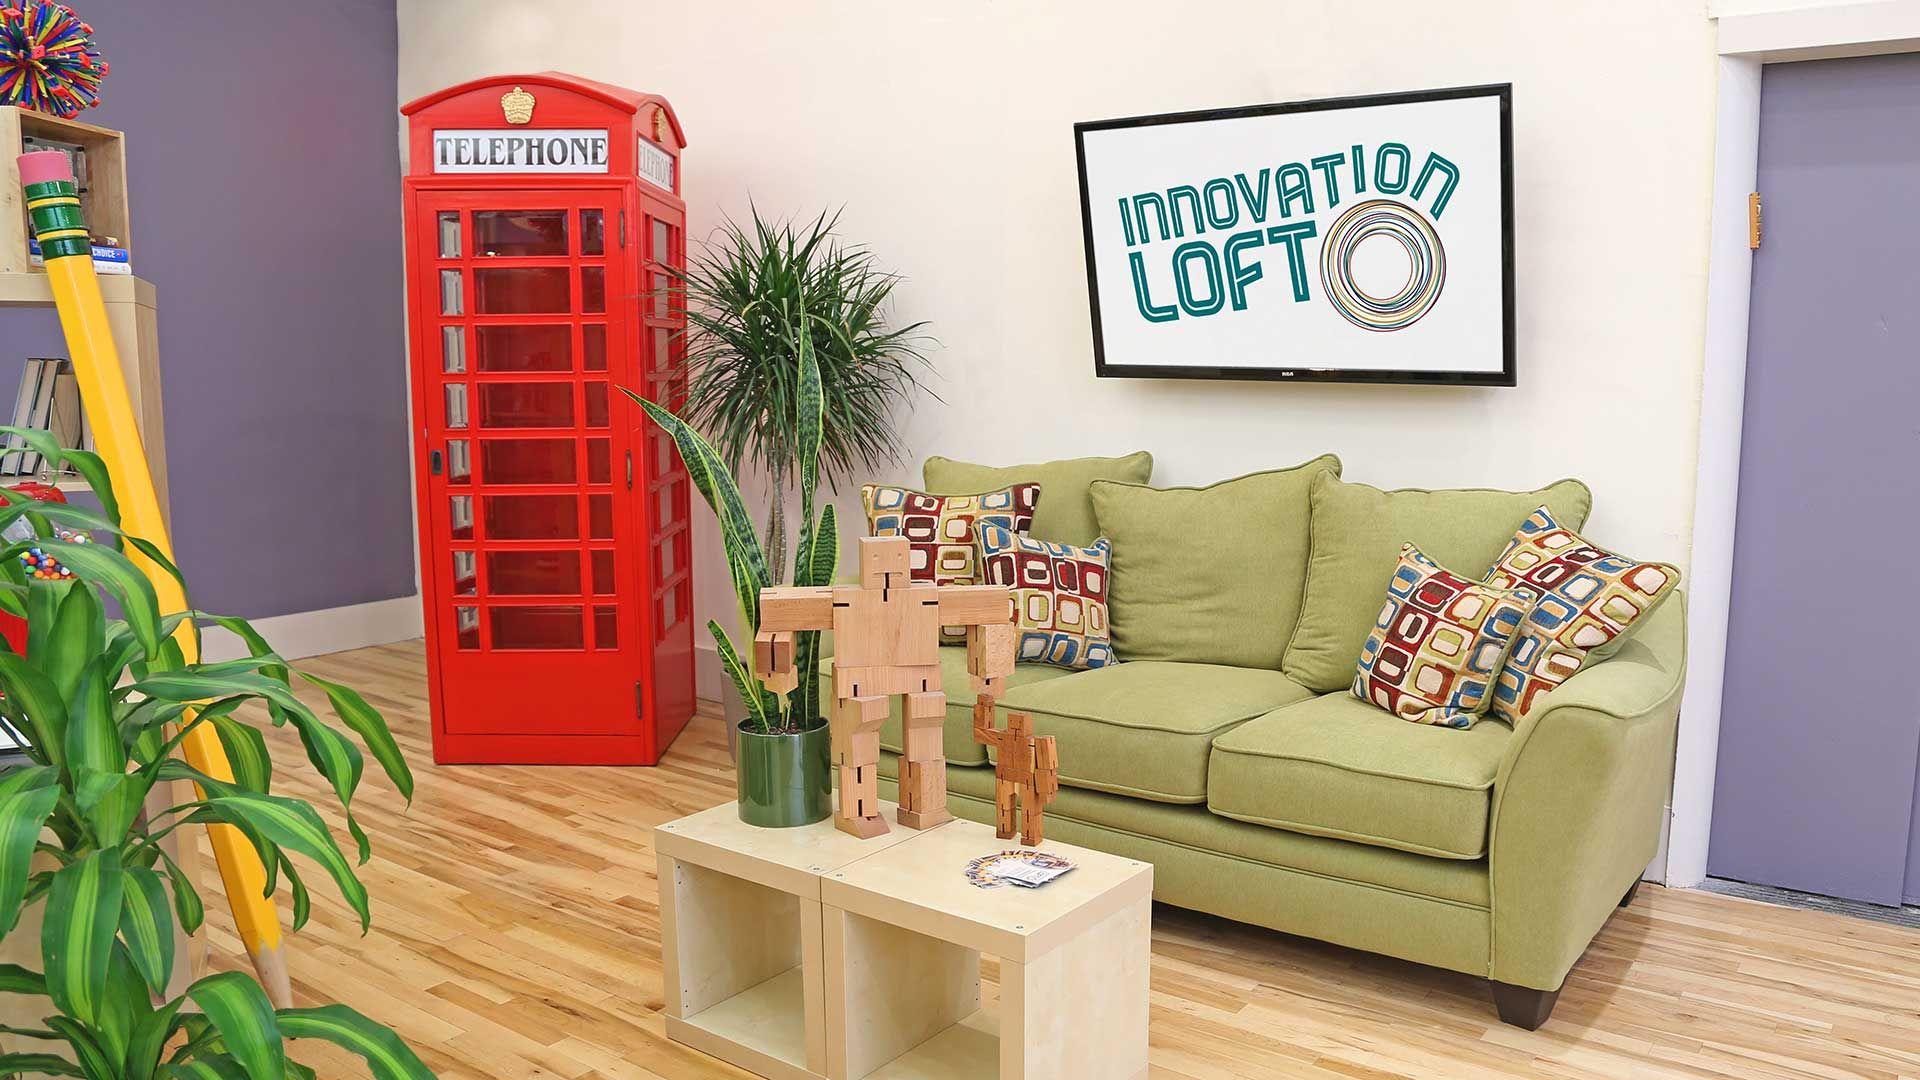 Innovation Loft: Room Decor